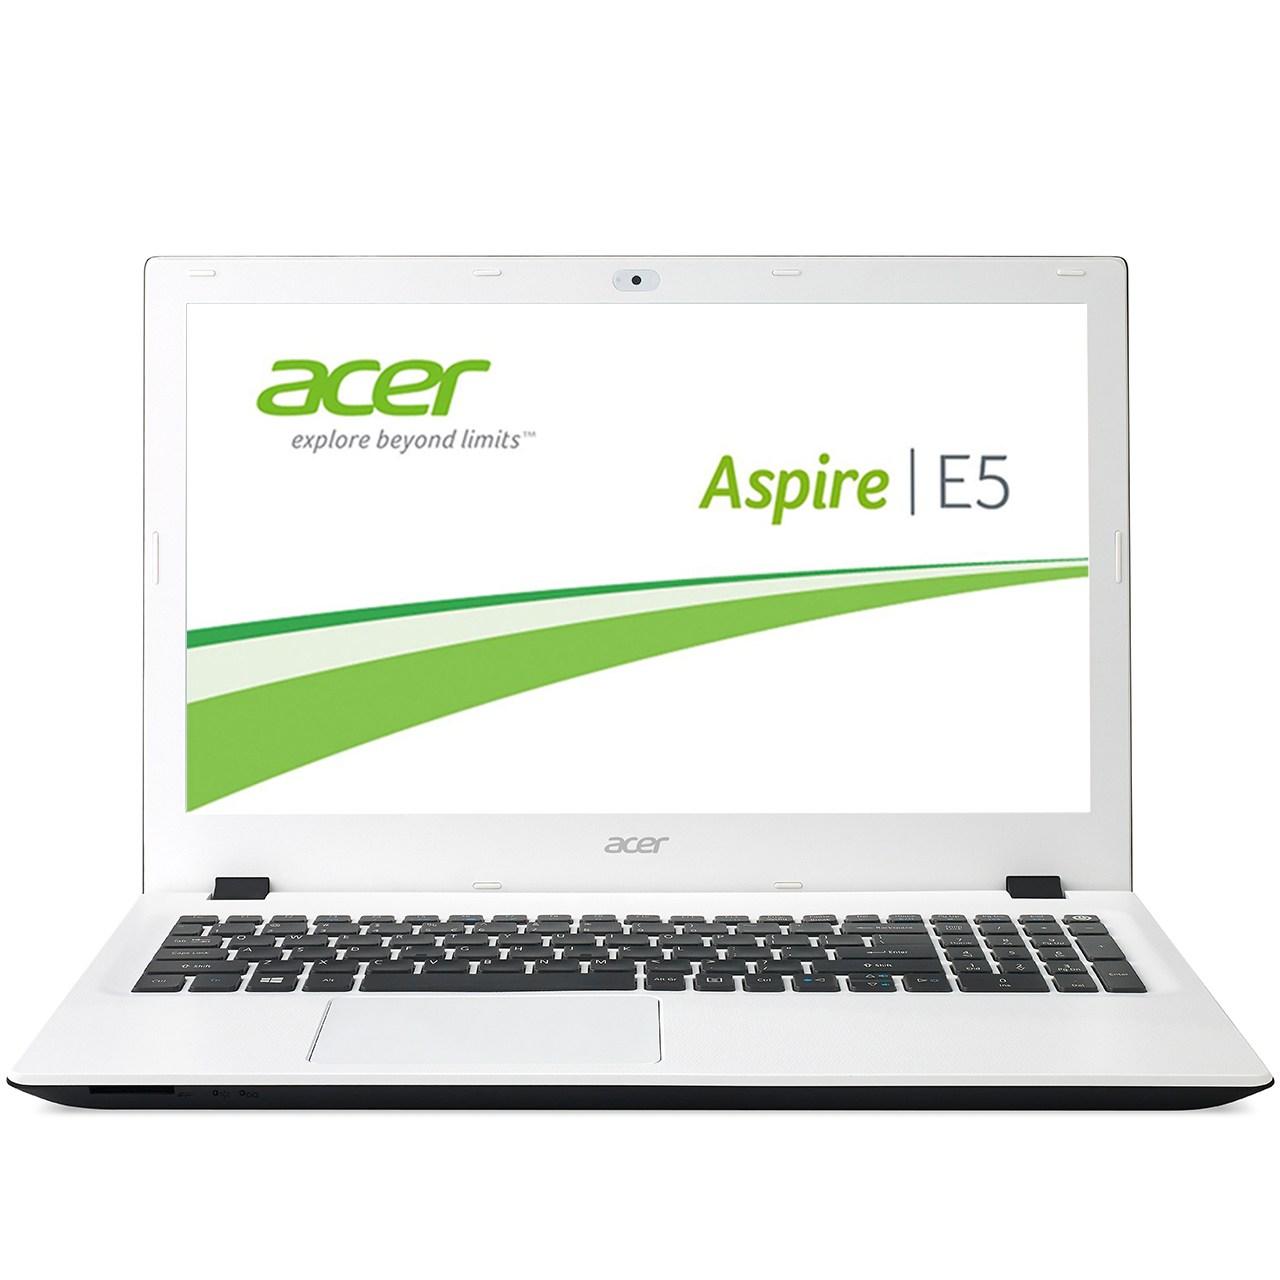 لپ تاپ 15 اینچی ایسر مدل Aspire E5-574G-58F5